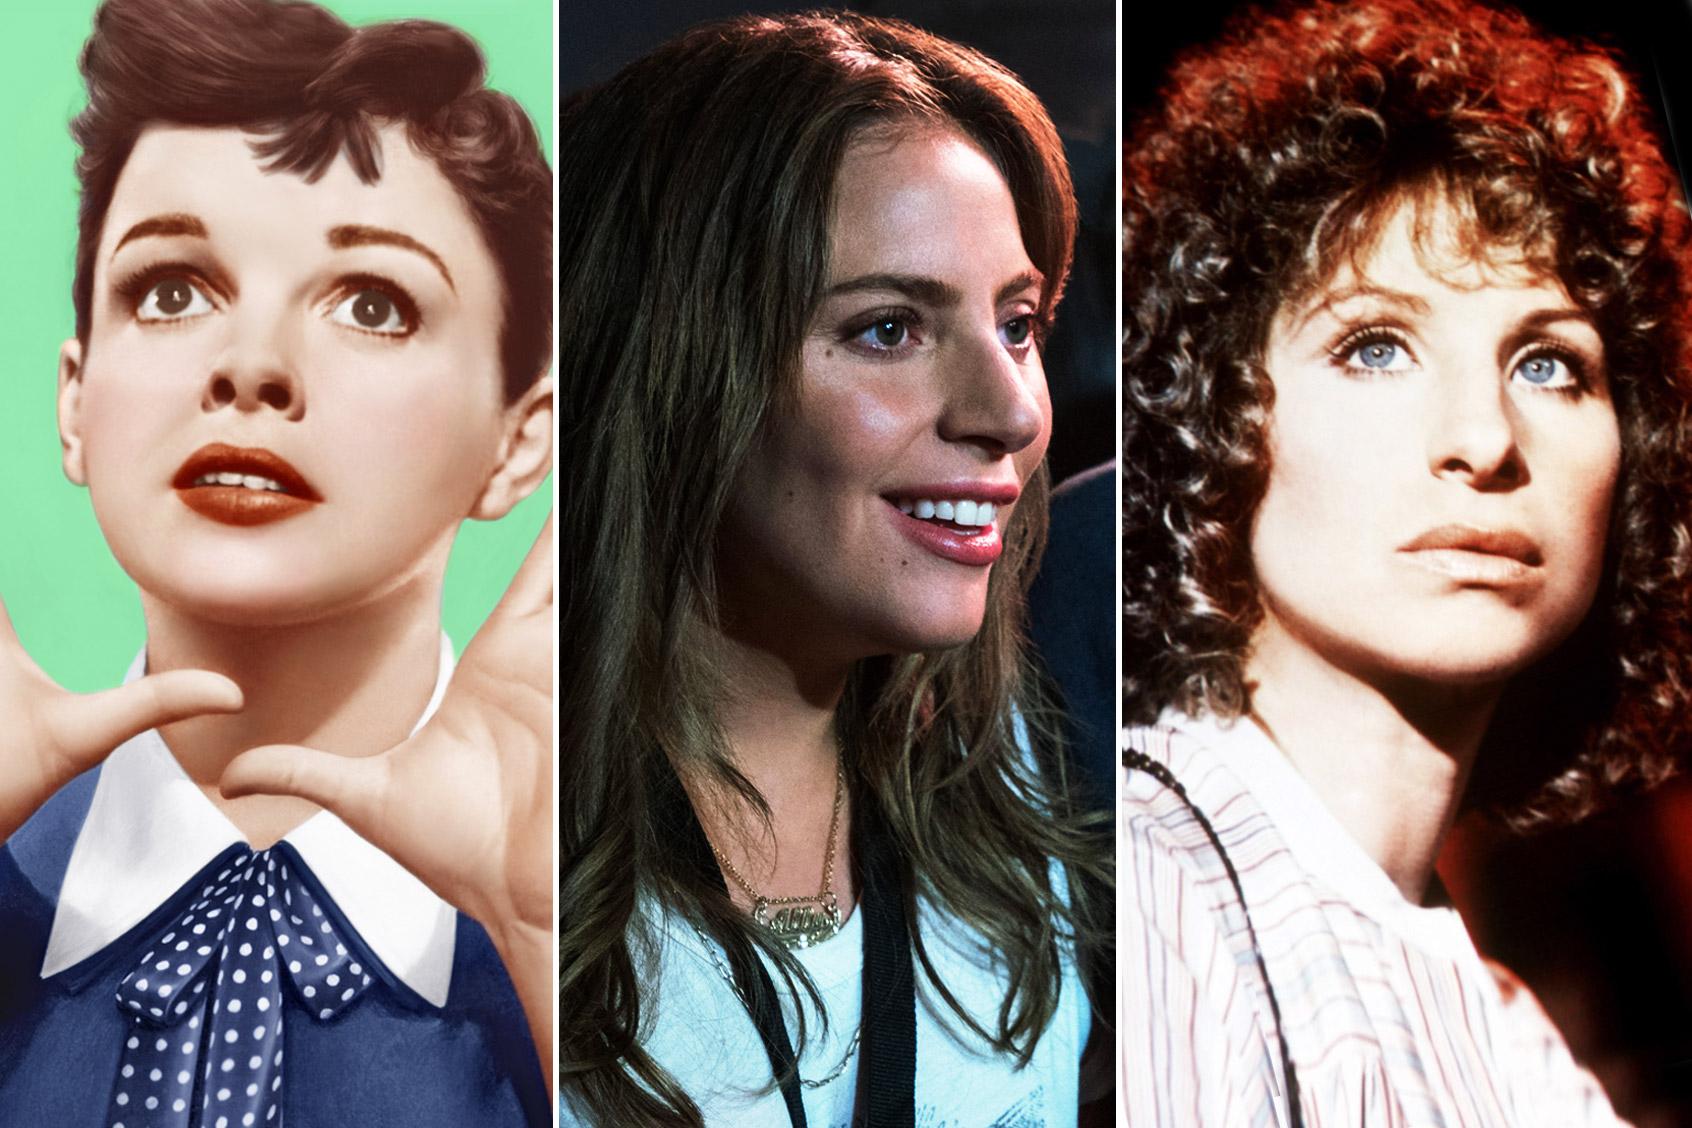 Judy Garland, Lady Gaga & Barbra Streisand in 'A Star Is Born'